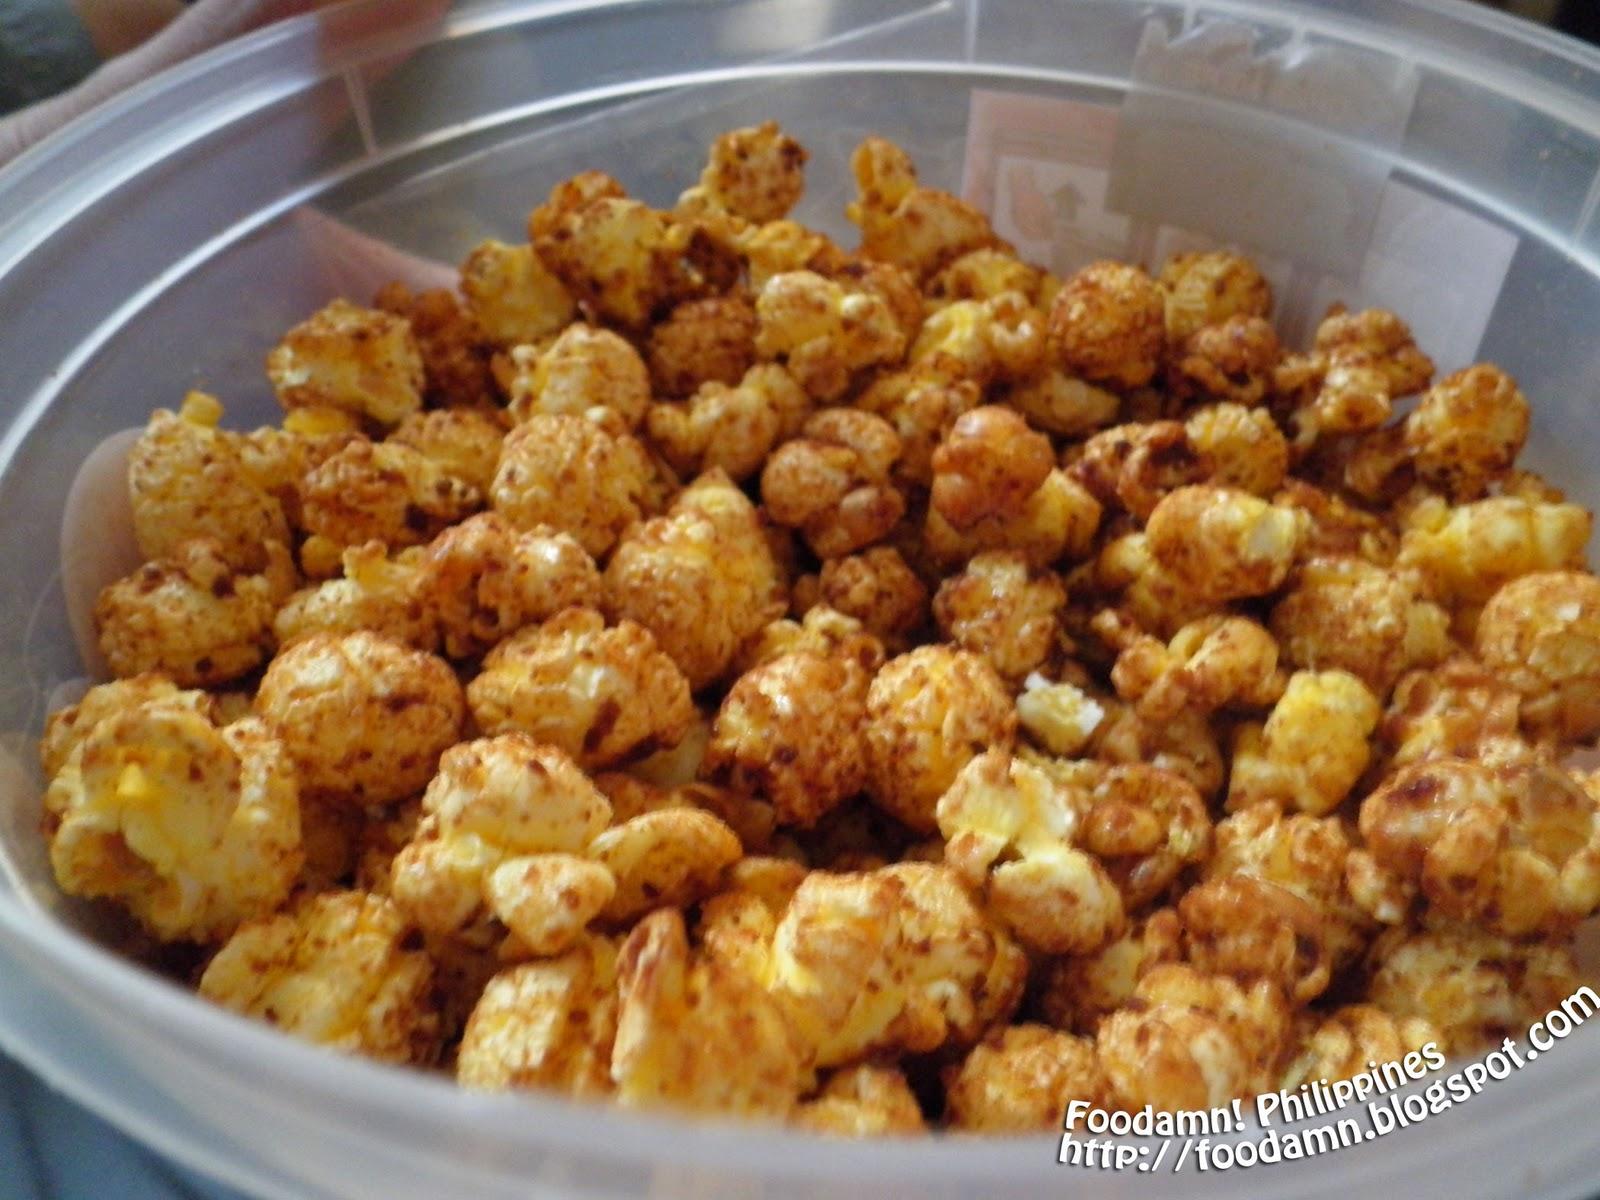 Tony S Kitchen Recipes